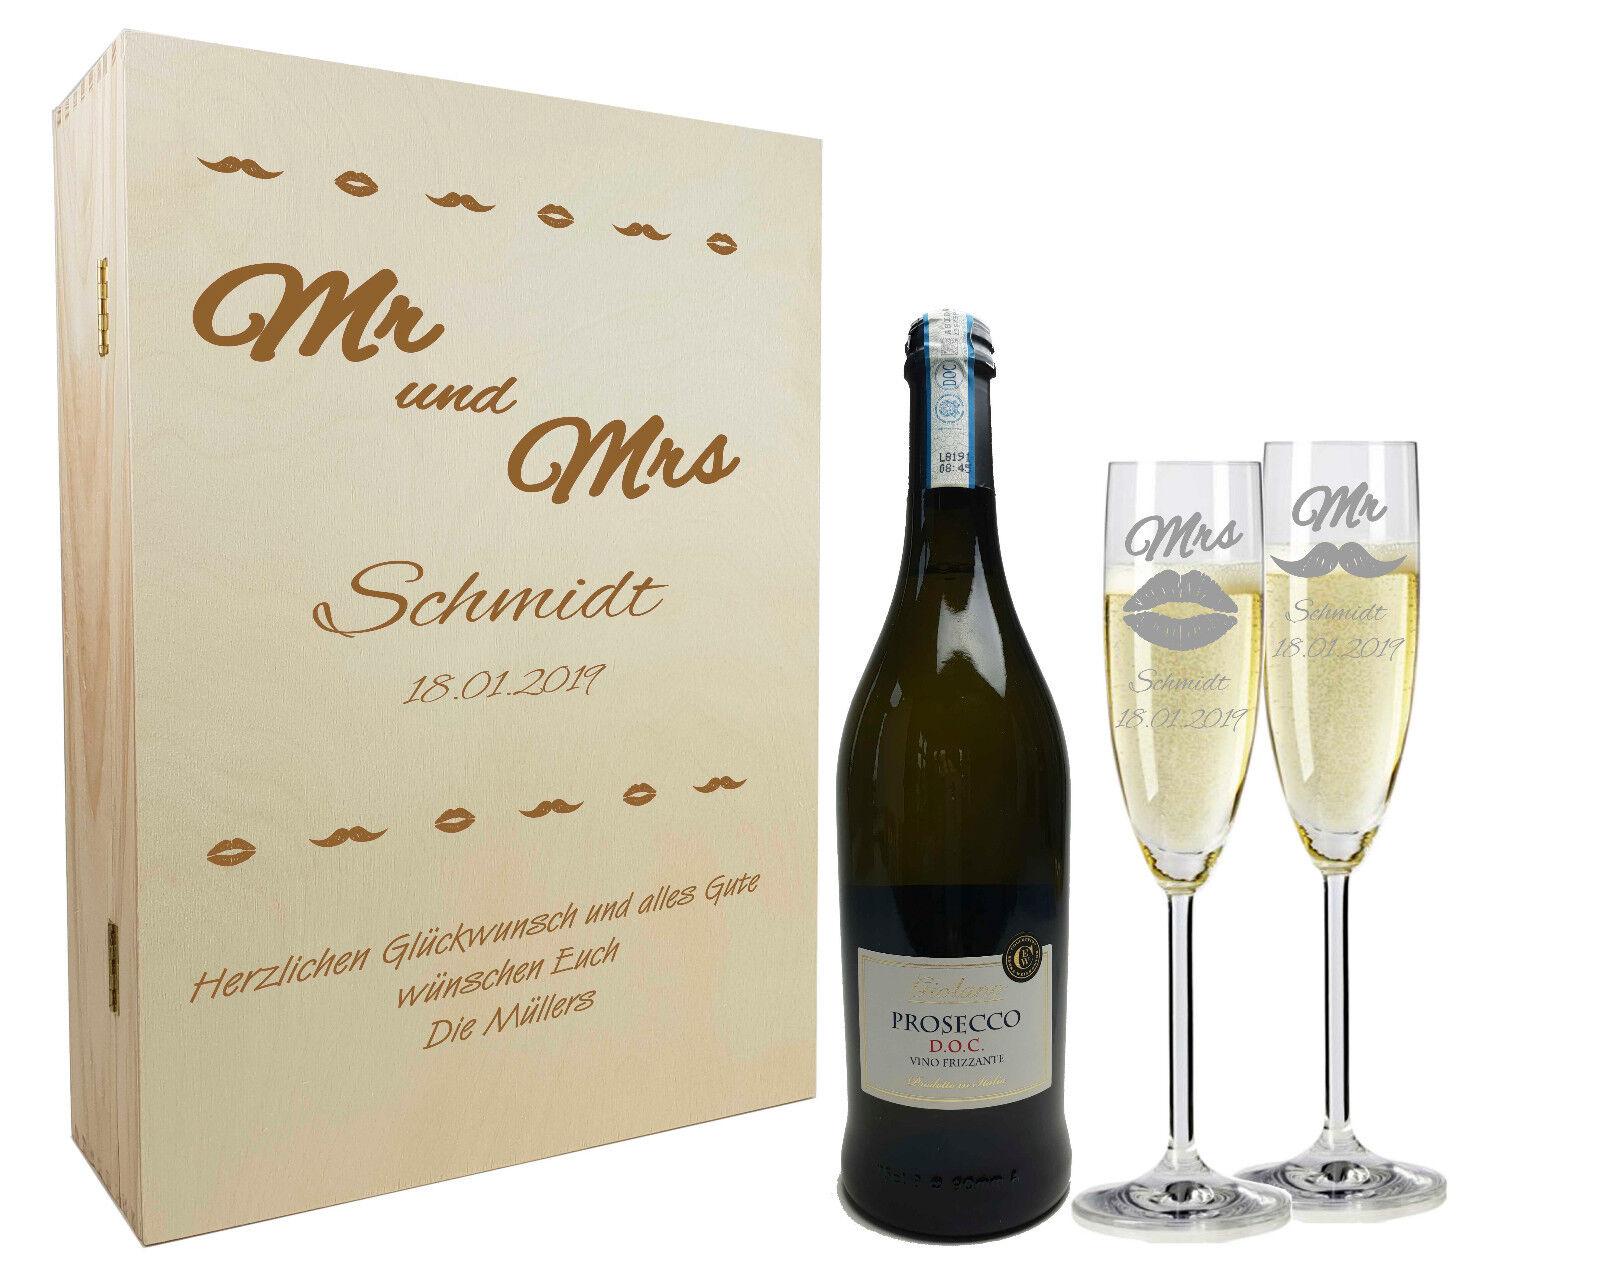 Gravierte Sektgläser Holzkiste mit Sekt Geschenkset zur Hochzeit  Mr & Mrs